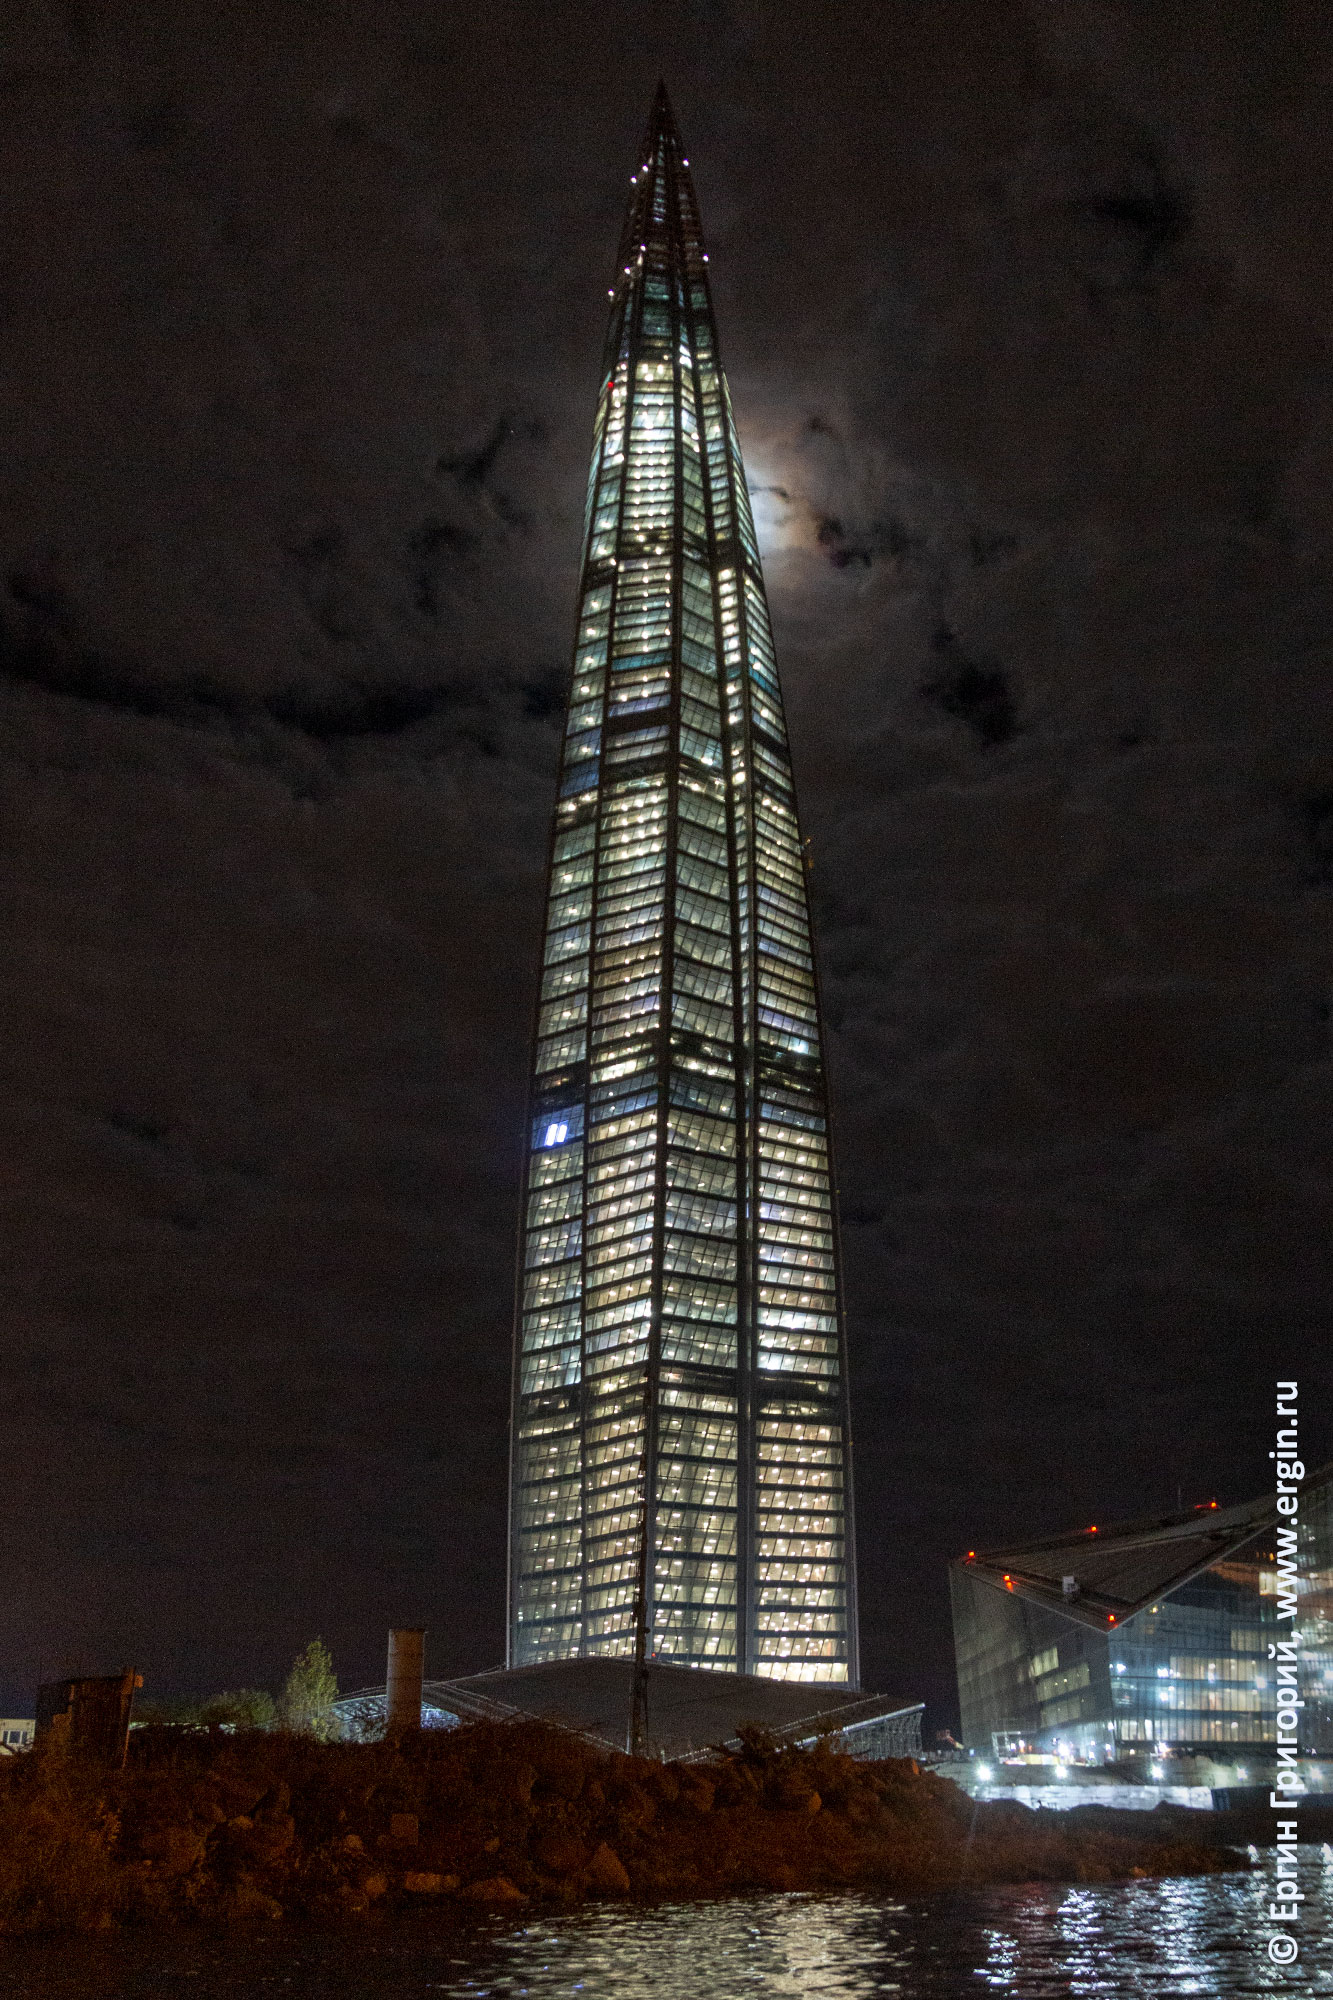 Питер Луна башня Газпрома